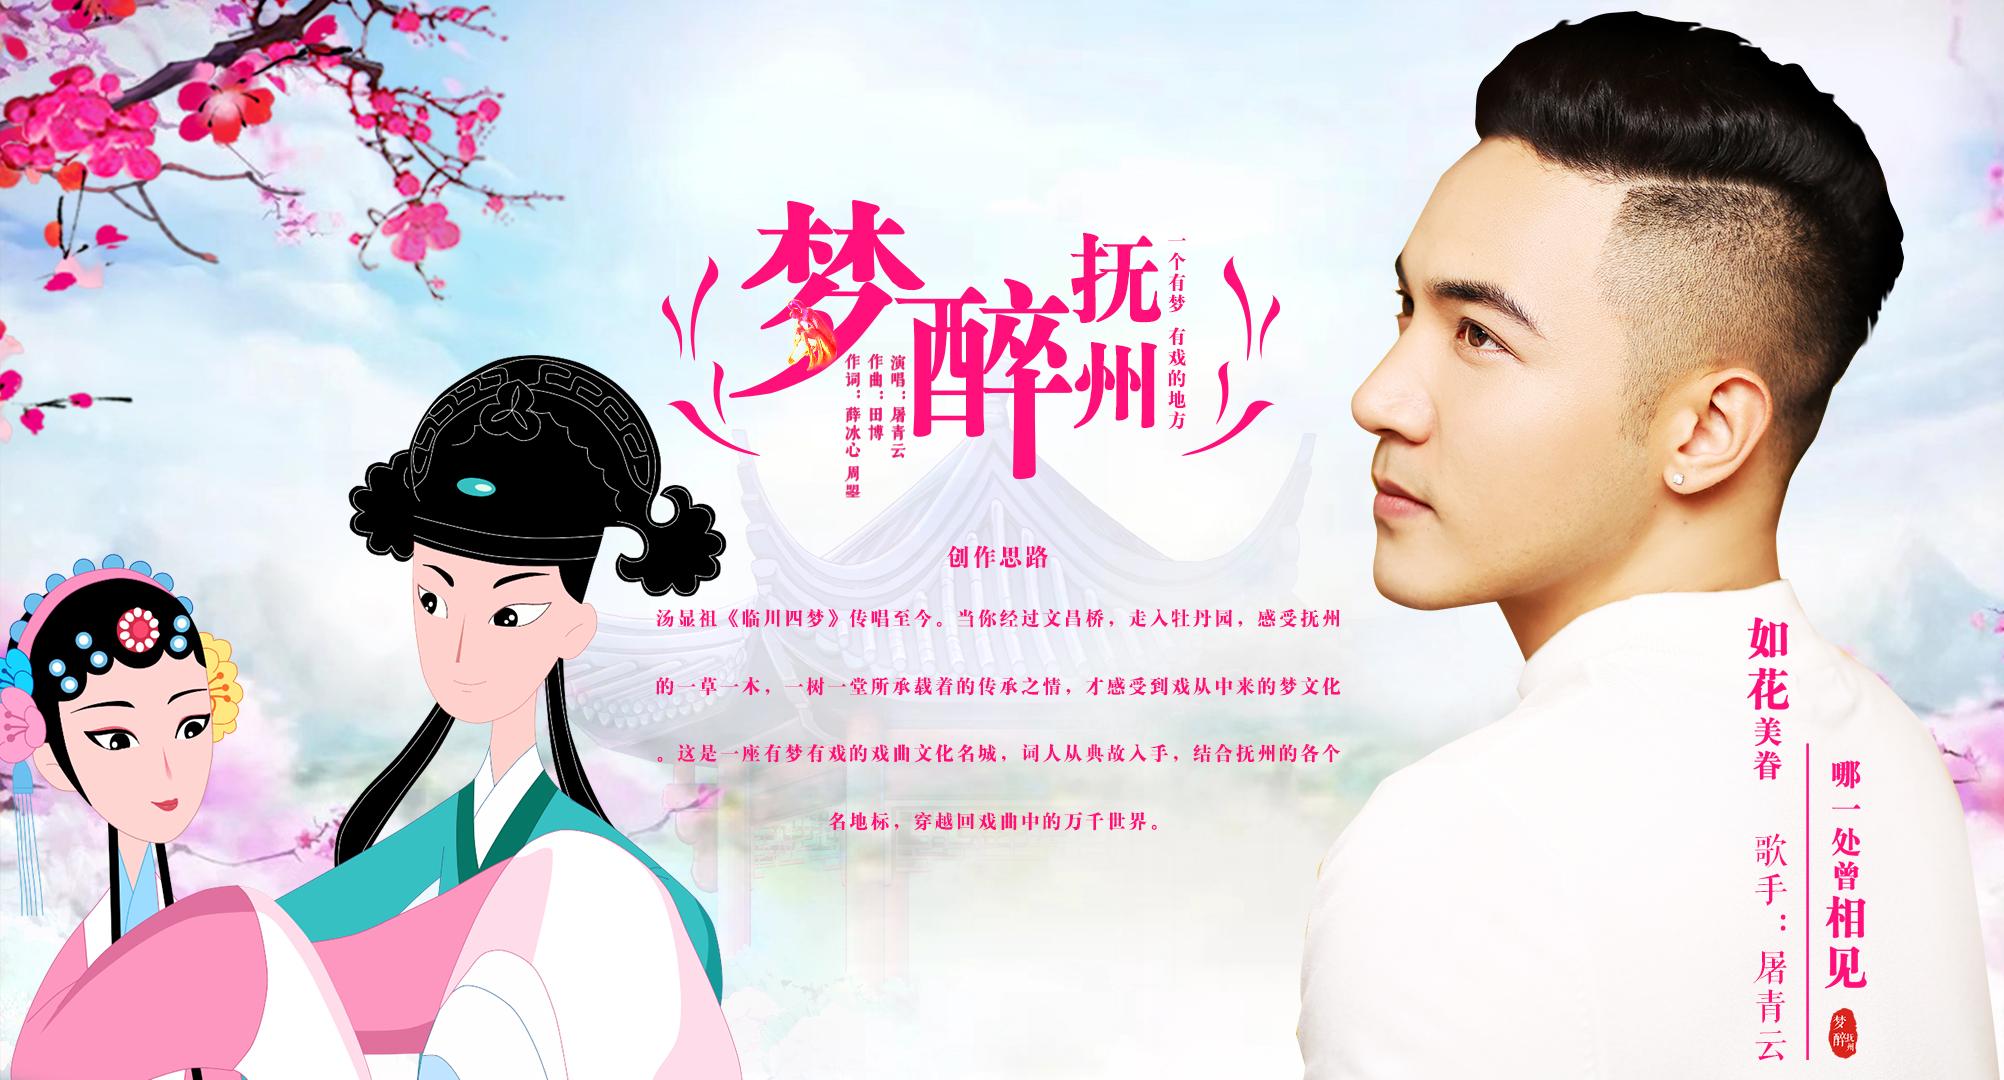 新生代华语男歌手屠青云Robert首张个人EP专辑《梦